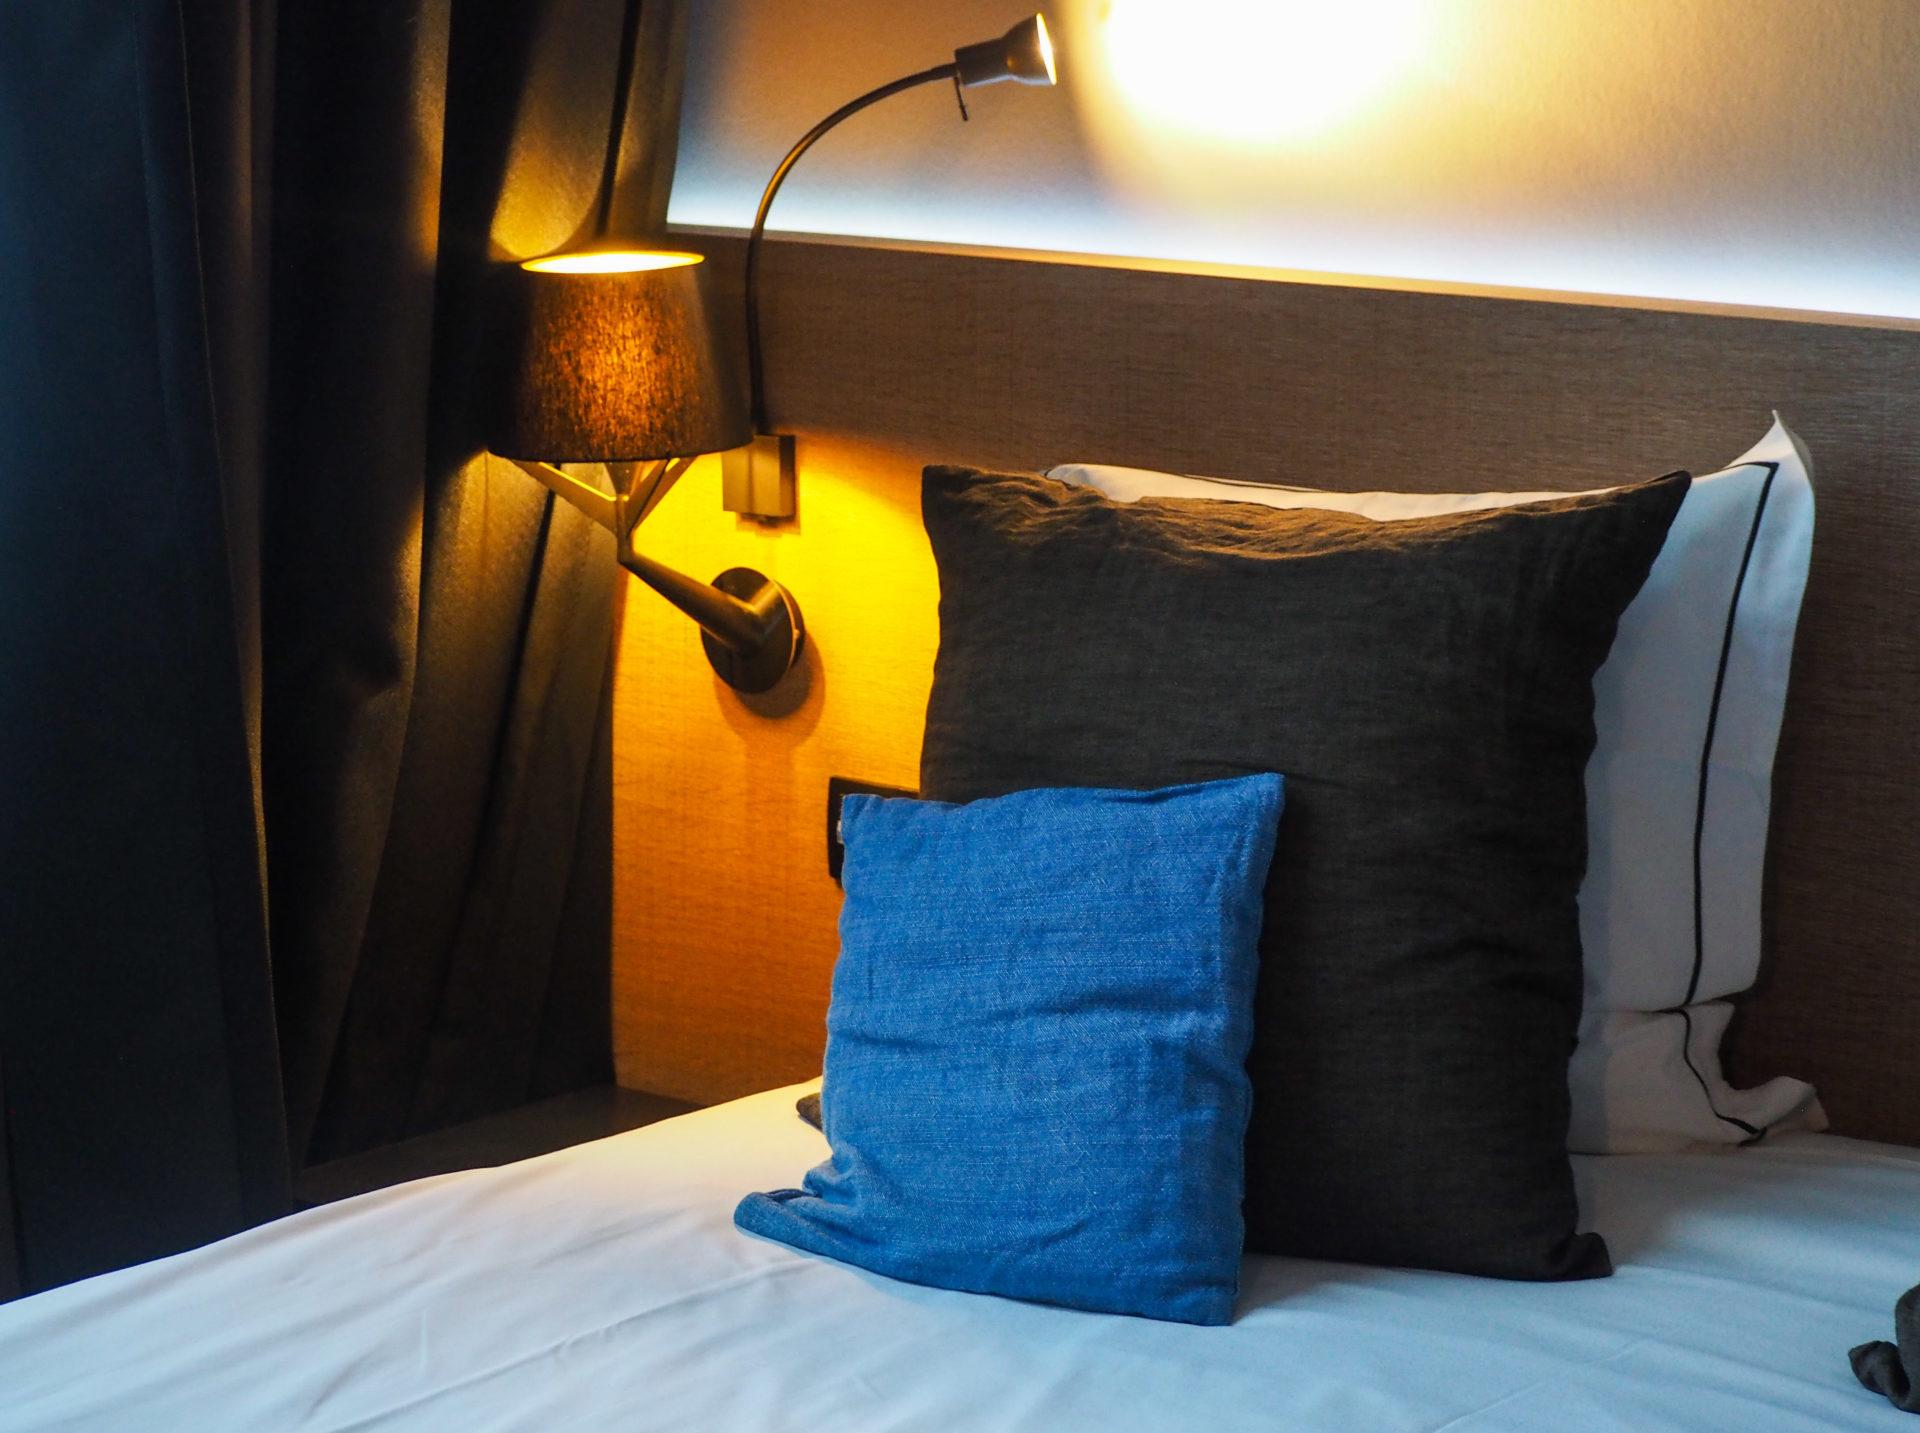 Hôtel Neuvice à Liège - Visiter Liège en Belgique en mode slow - Que faire et que visiter à Liège? - Adresses slow et gourmandes à Liège - Informations pratiques pour visiter Liège et en tomber amoureuse en quelques instants!